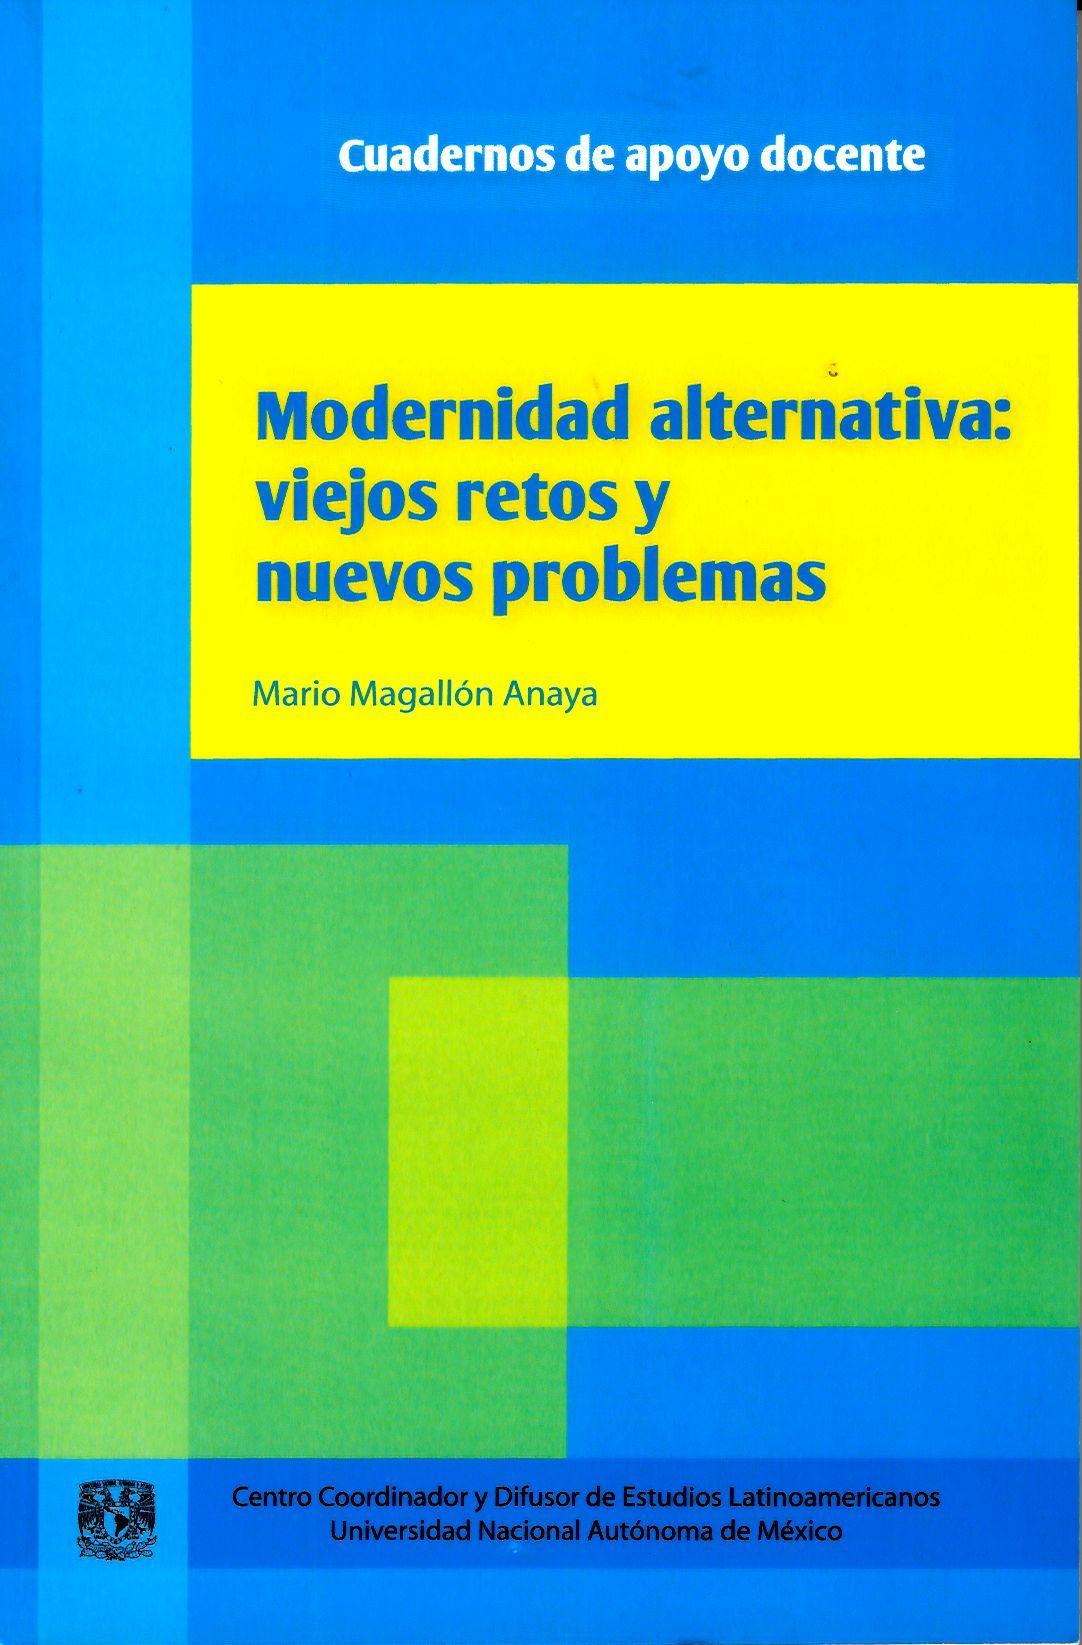 Modernidad alternativa. Viejos retos y nuevos problemas